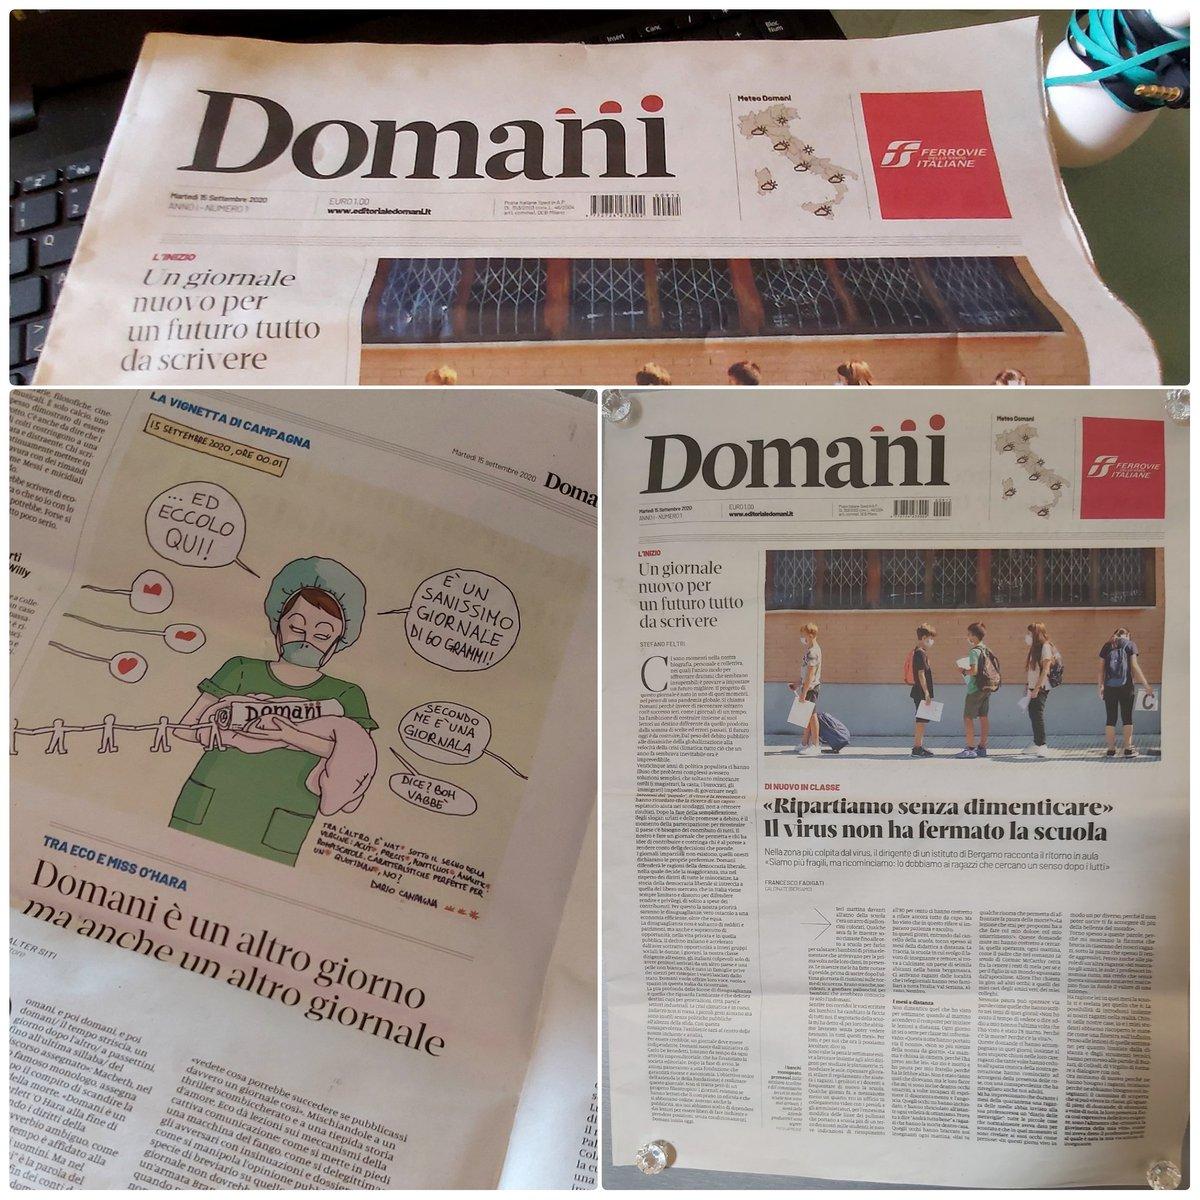 Debutta online e su carta #Domani, il quotidiano